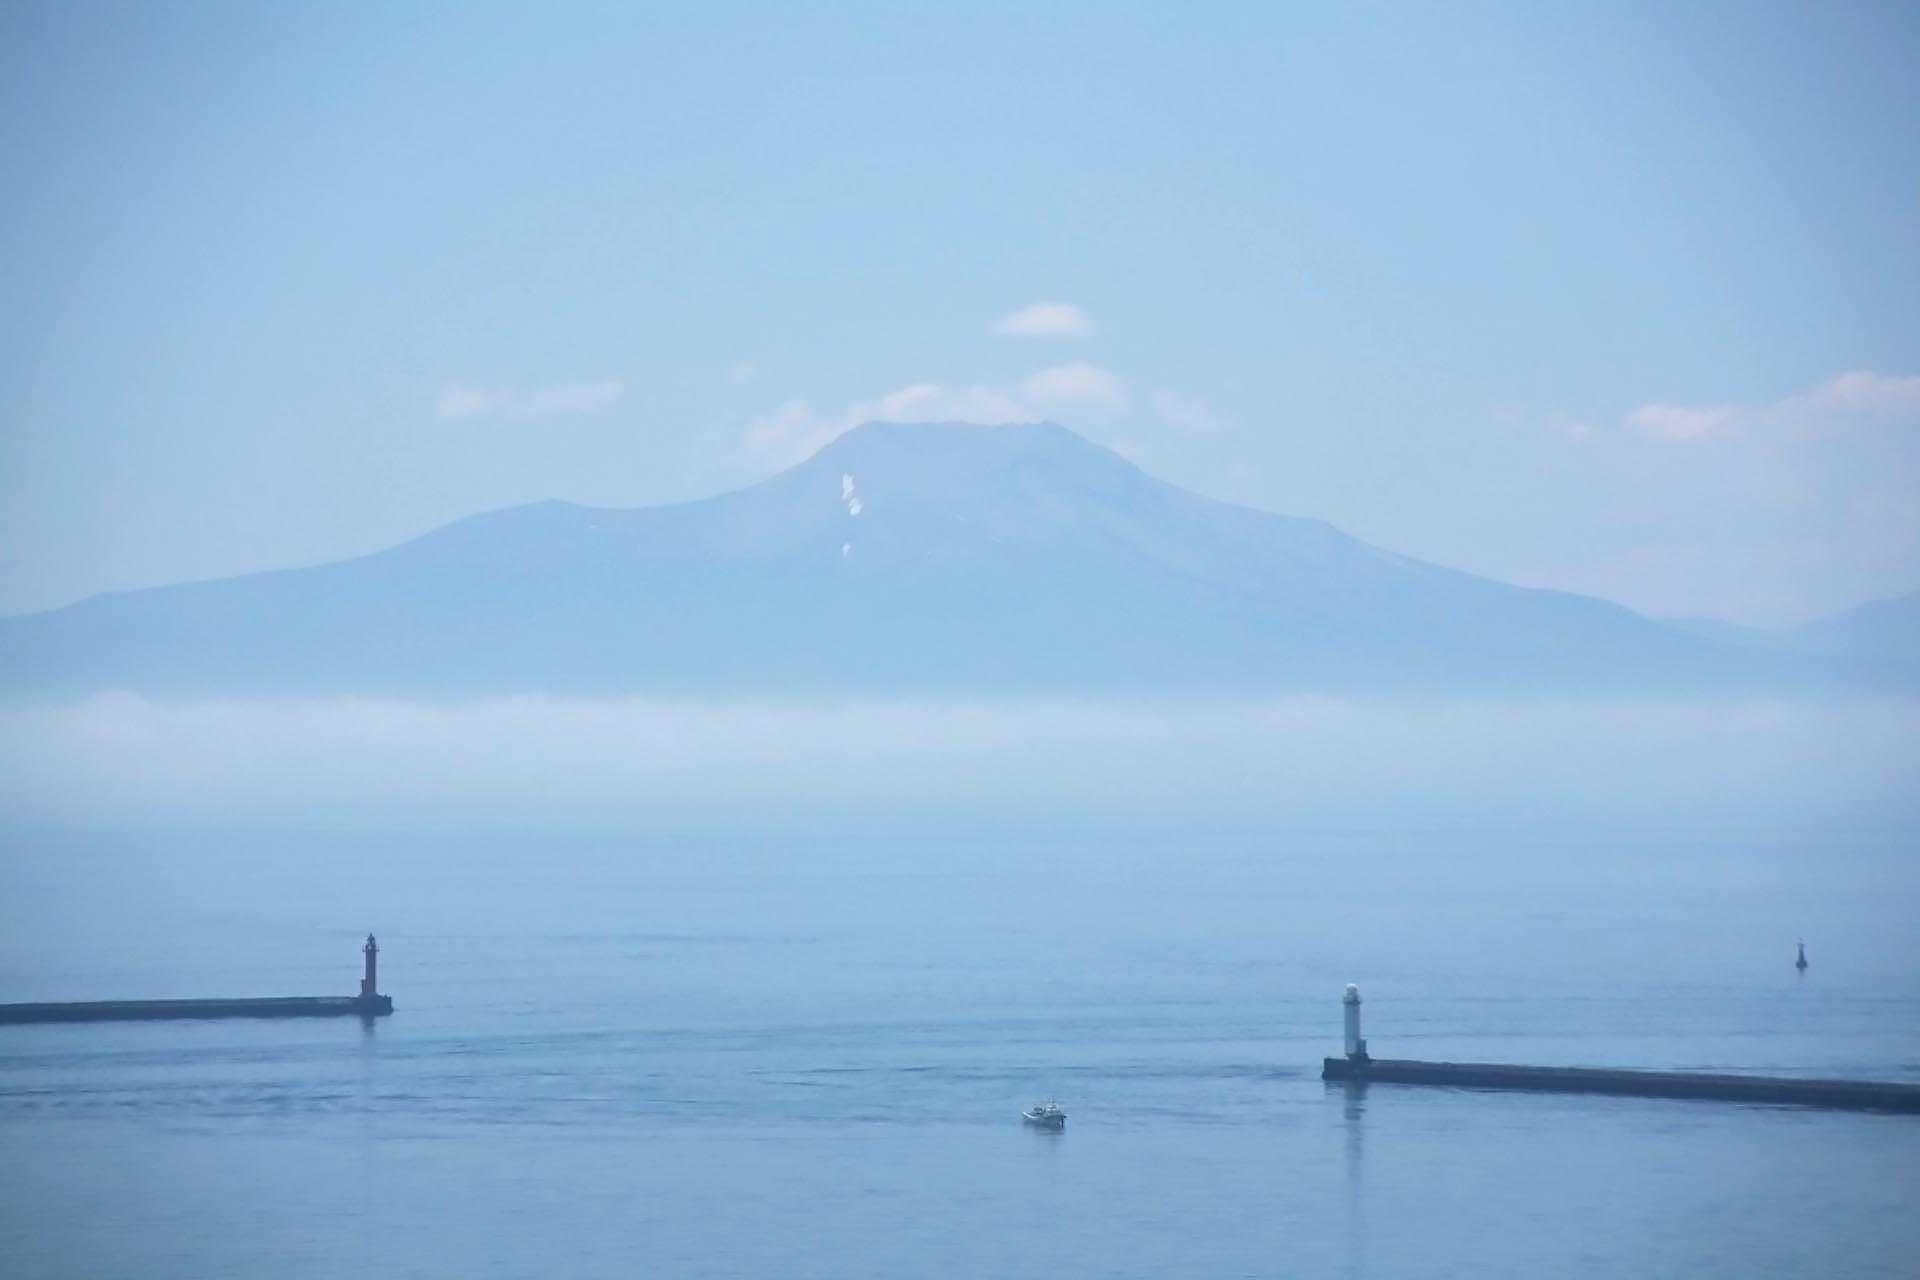 室蘭 白鳥湾展望台から見る風景 北海道の風景